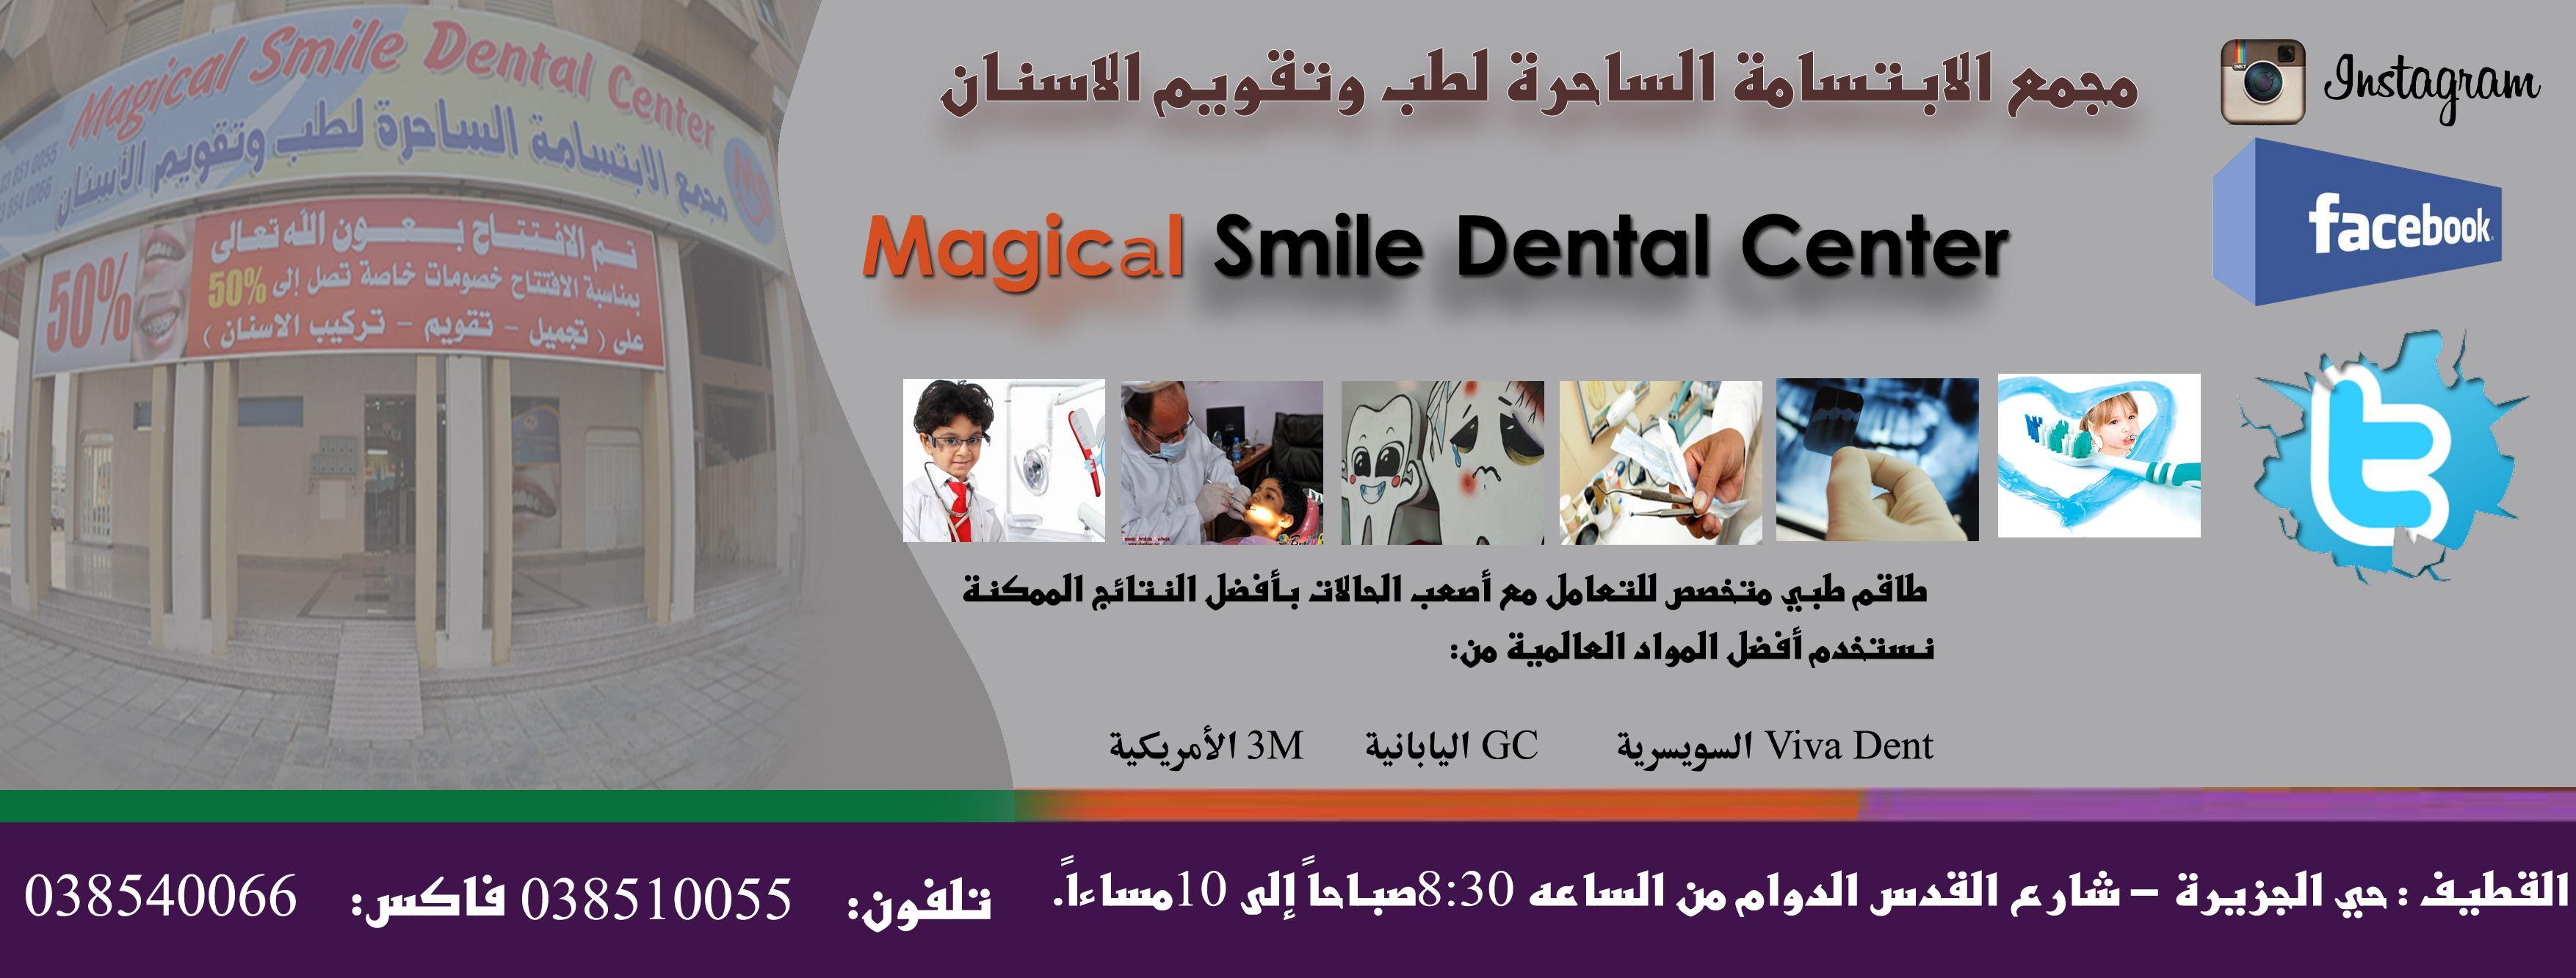 Magicl Smile Dental Center اقوى العروض والخصومات ي قدمها لكم على جميع الخدمات مجمع الابتسامة الساحرة لطب وتقويم الاسنان ط Smile Dental Dental Center Dental